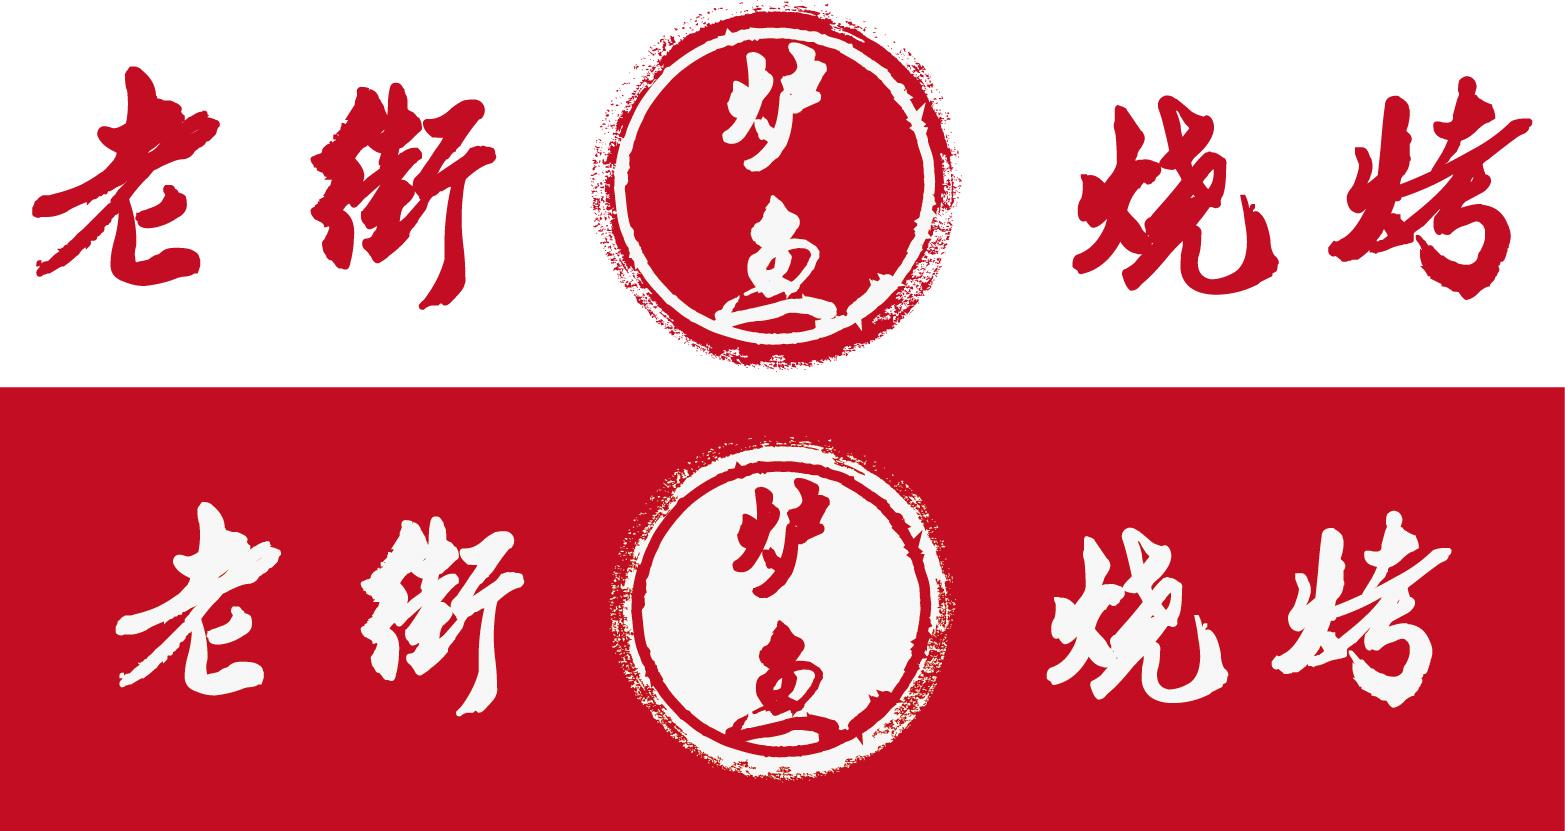 老街炉鱼烧烤logo设计